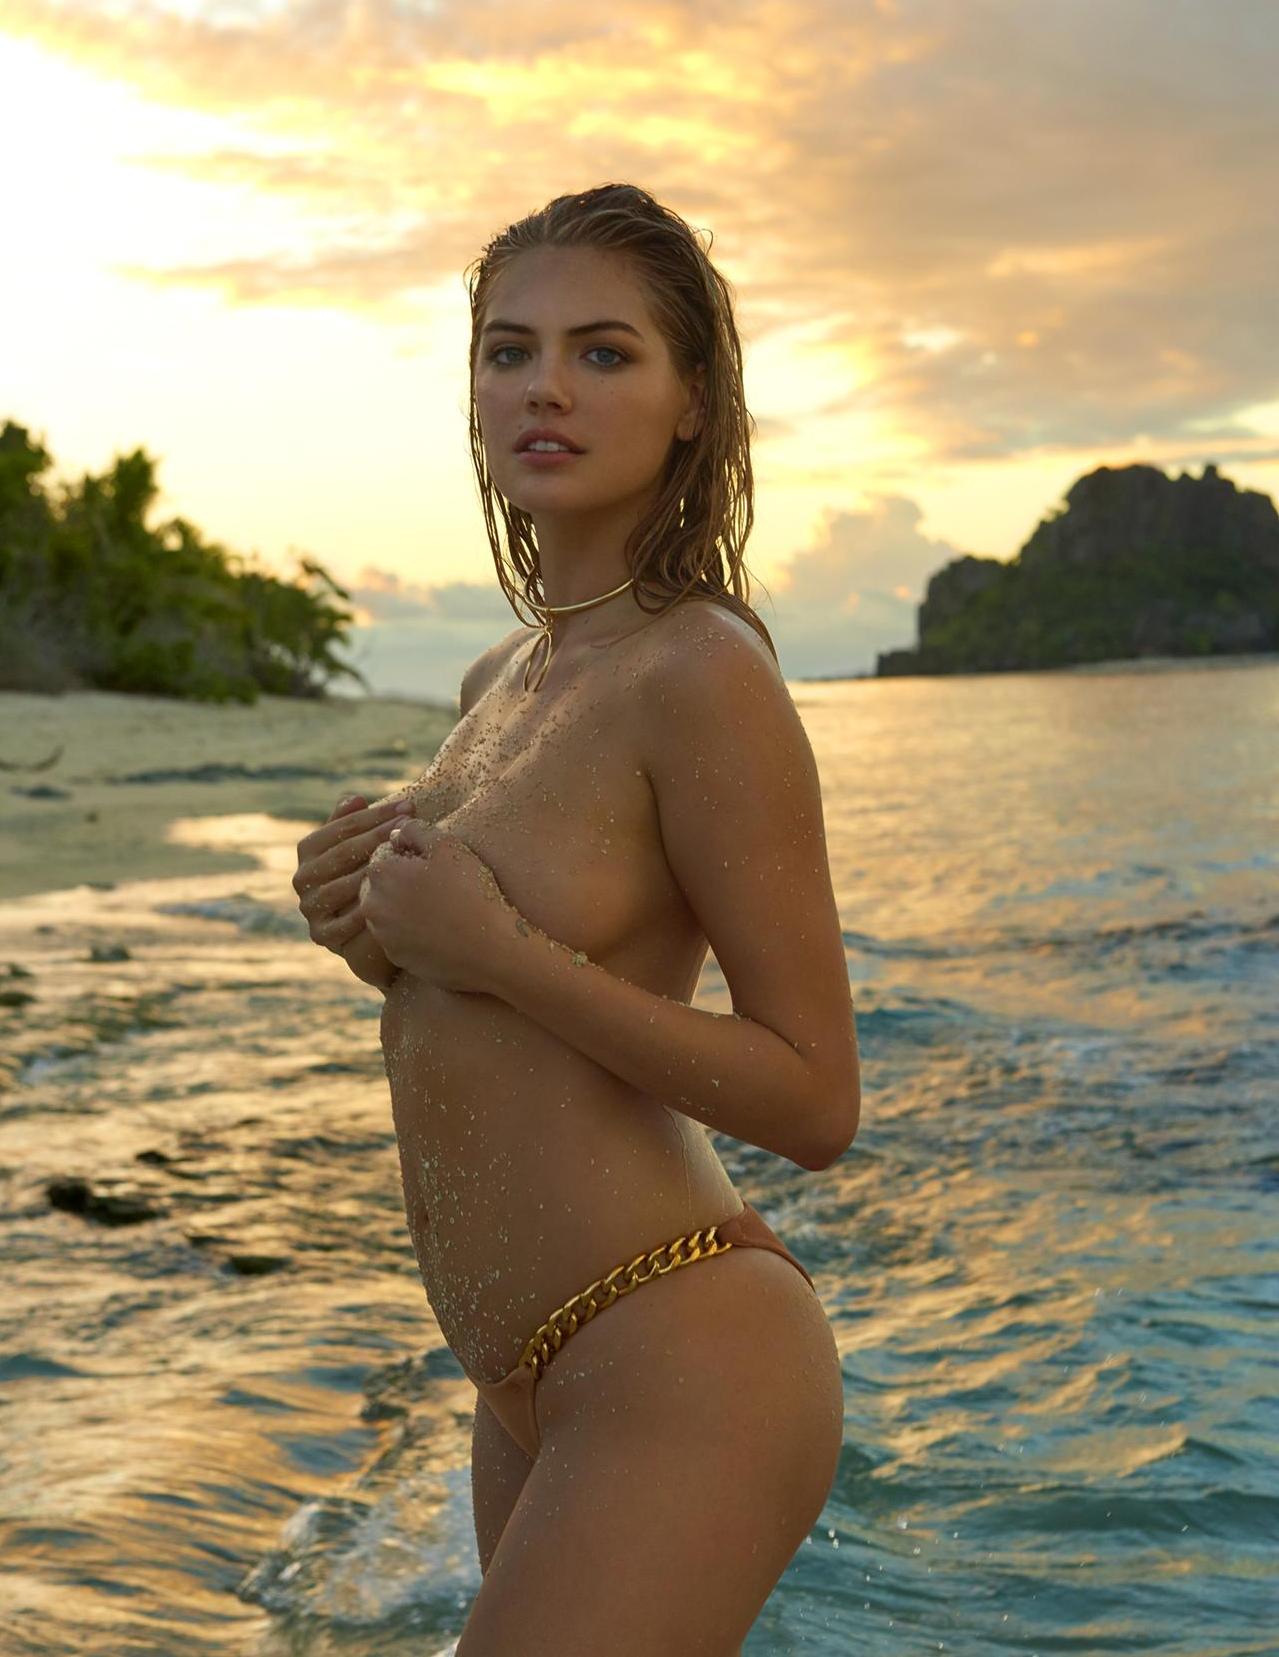 Model Milf Bikini Streifen und spielen